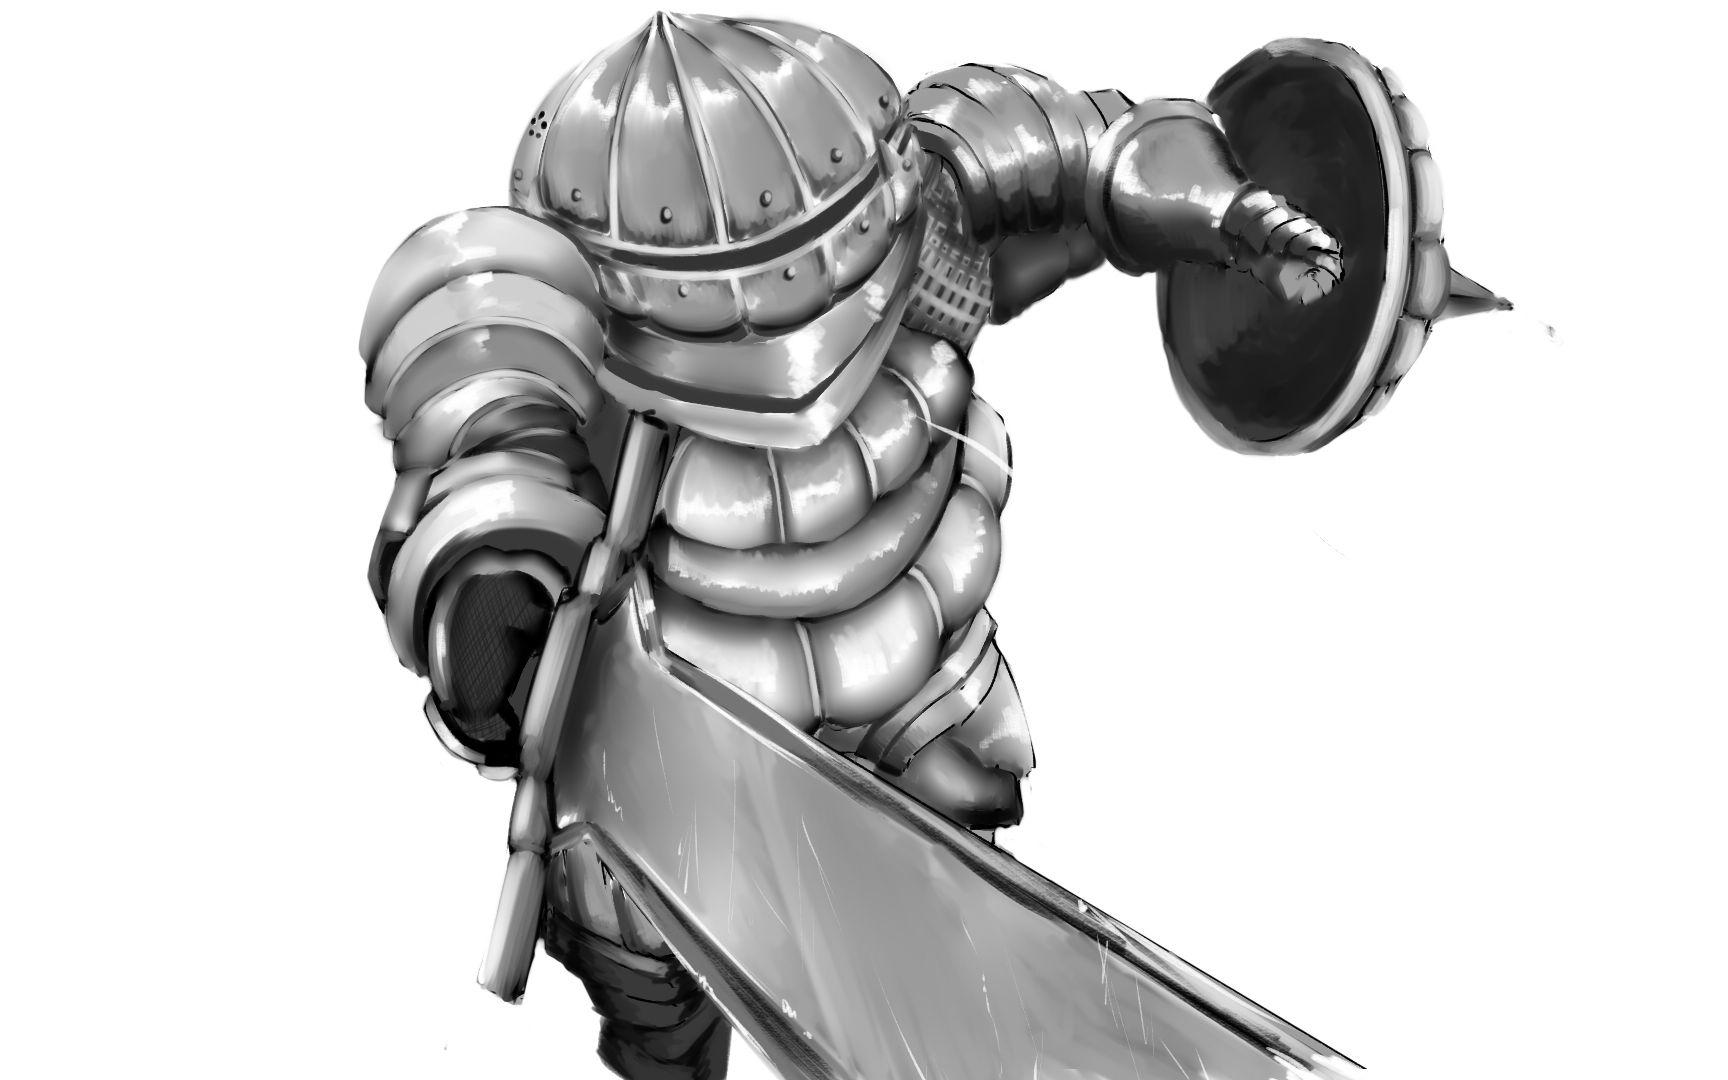 【黑魂3】骑士巨人与故事尤姆的洋葱友情【黑达州有没有蹦极图片